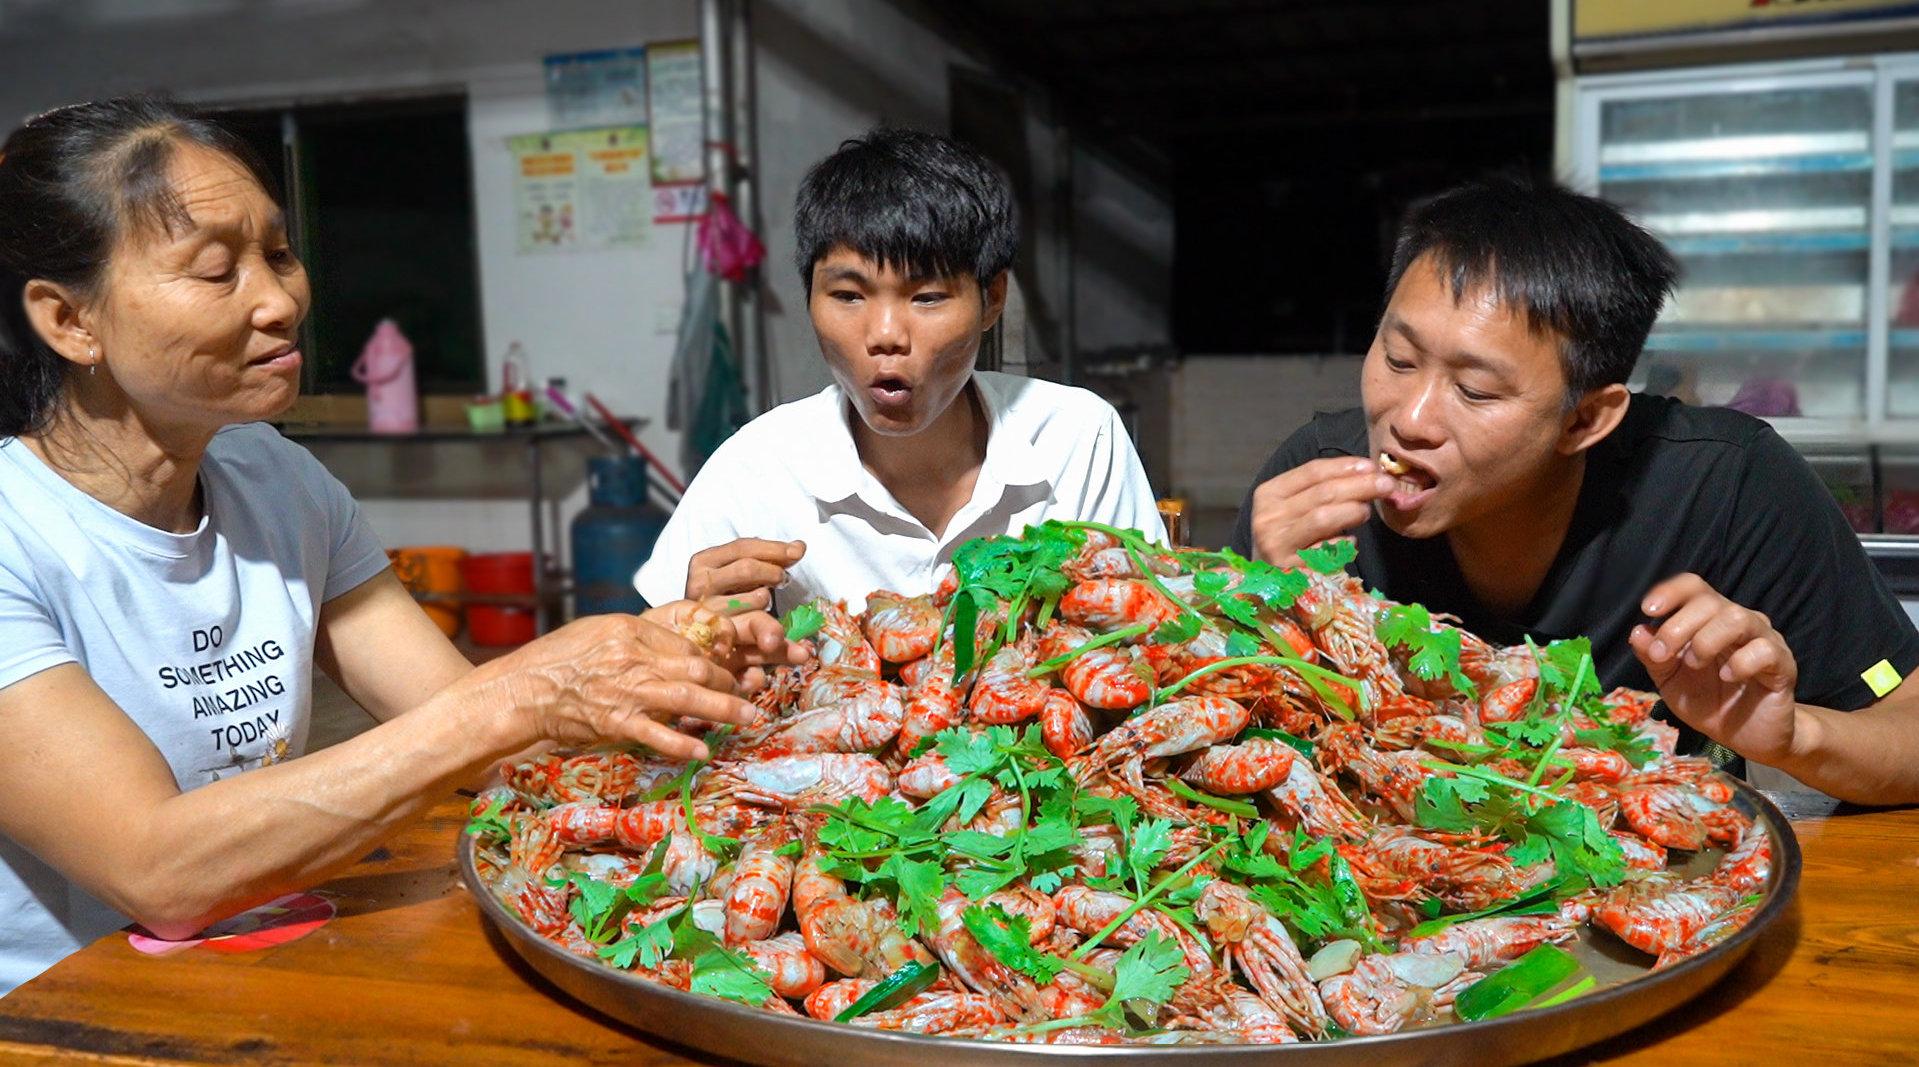 本地大虾吃腻了, 搞700块钱的俄罗...